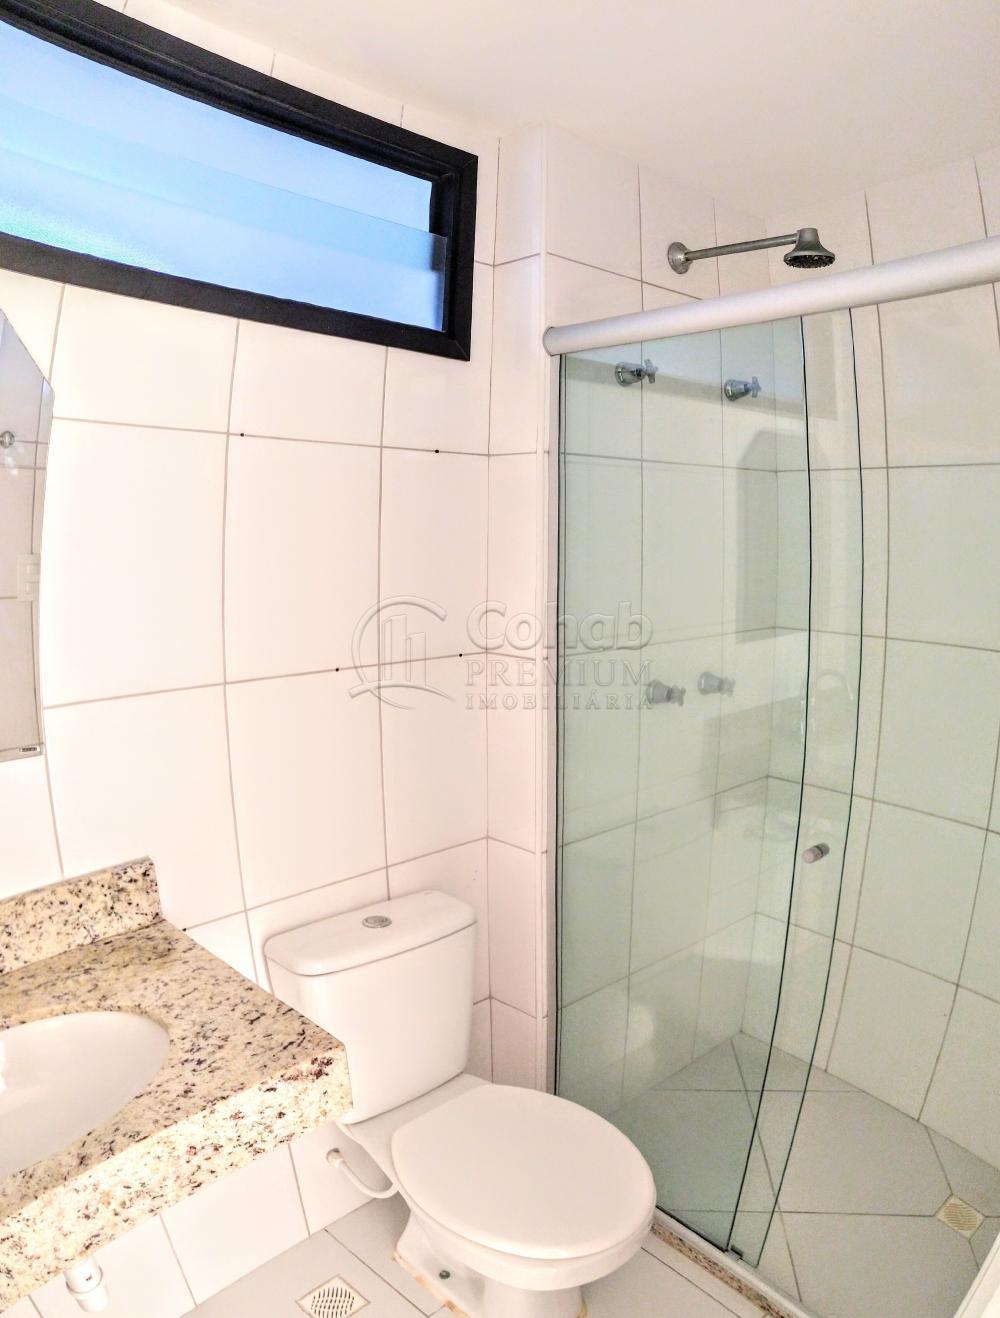 Alugar Apartamento / Padrão em Aracaju apenas R$ 1.300,00 - Foto 8